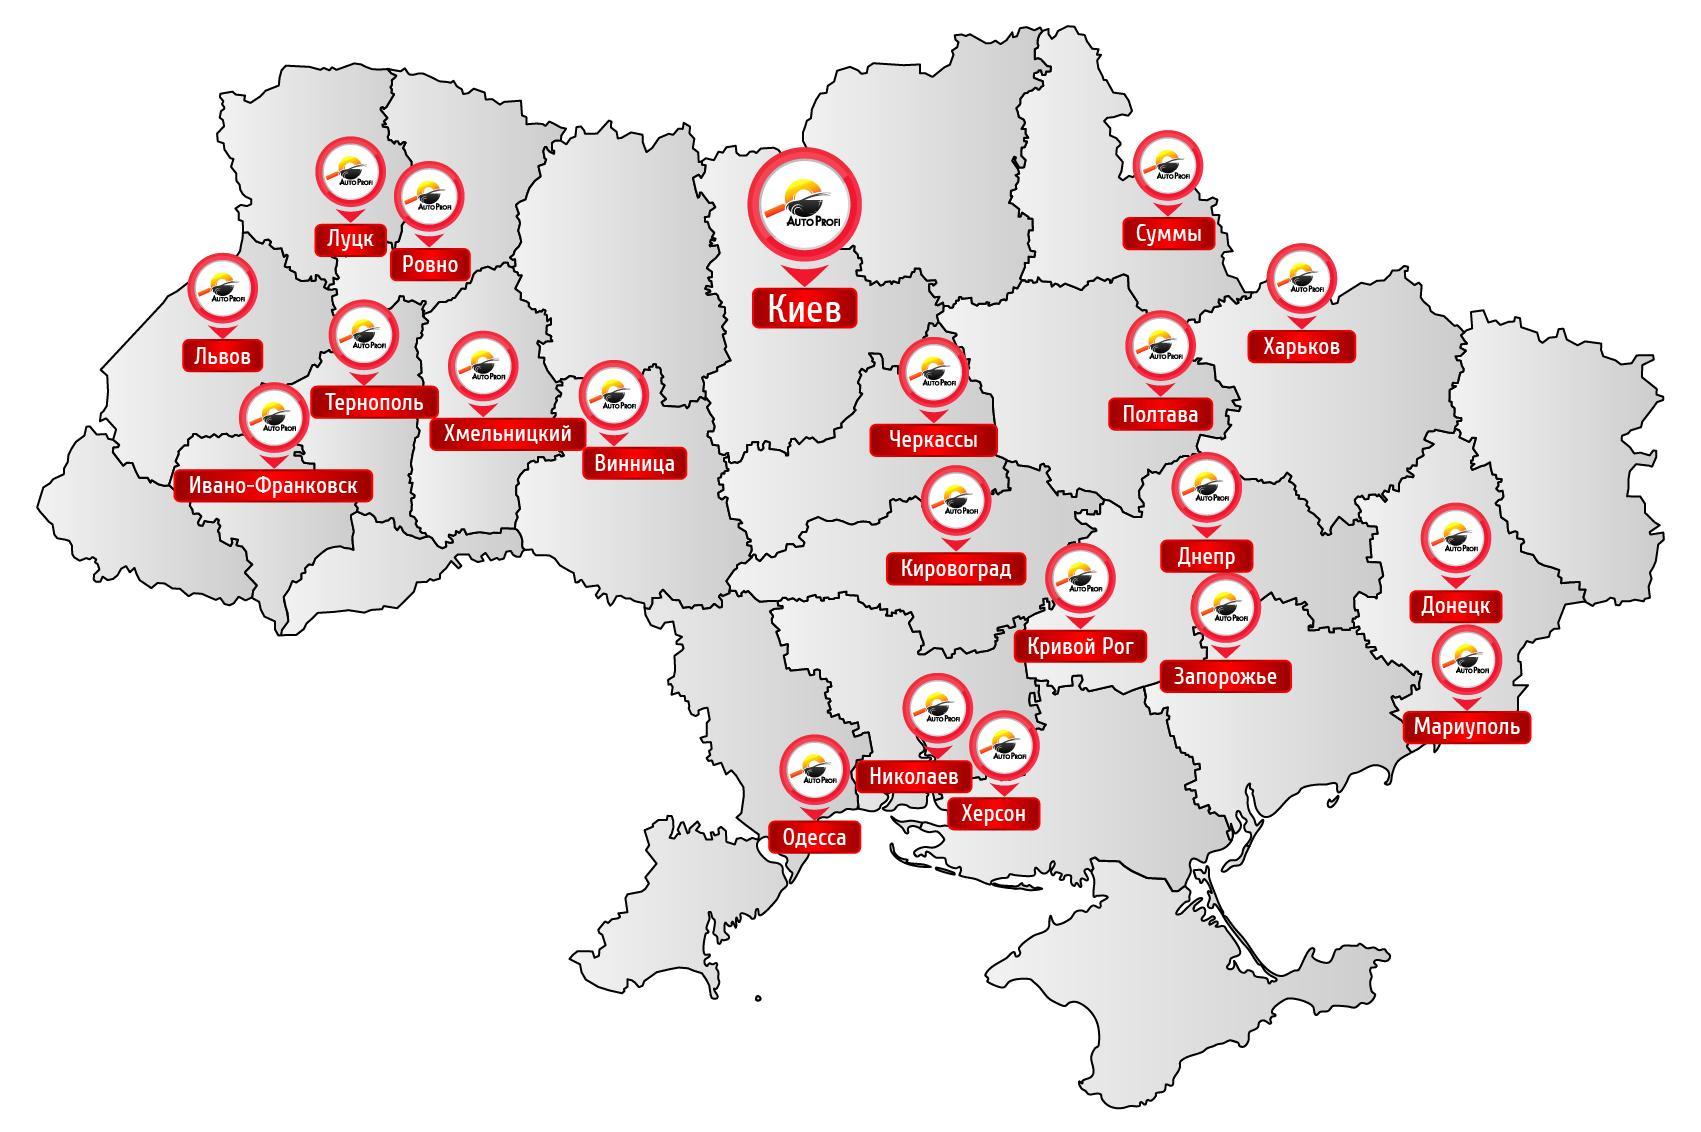 авто профи города украина